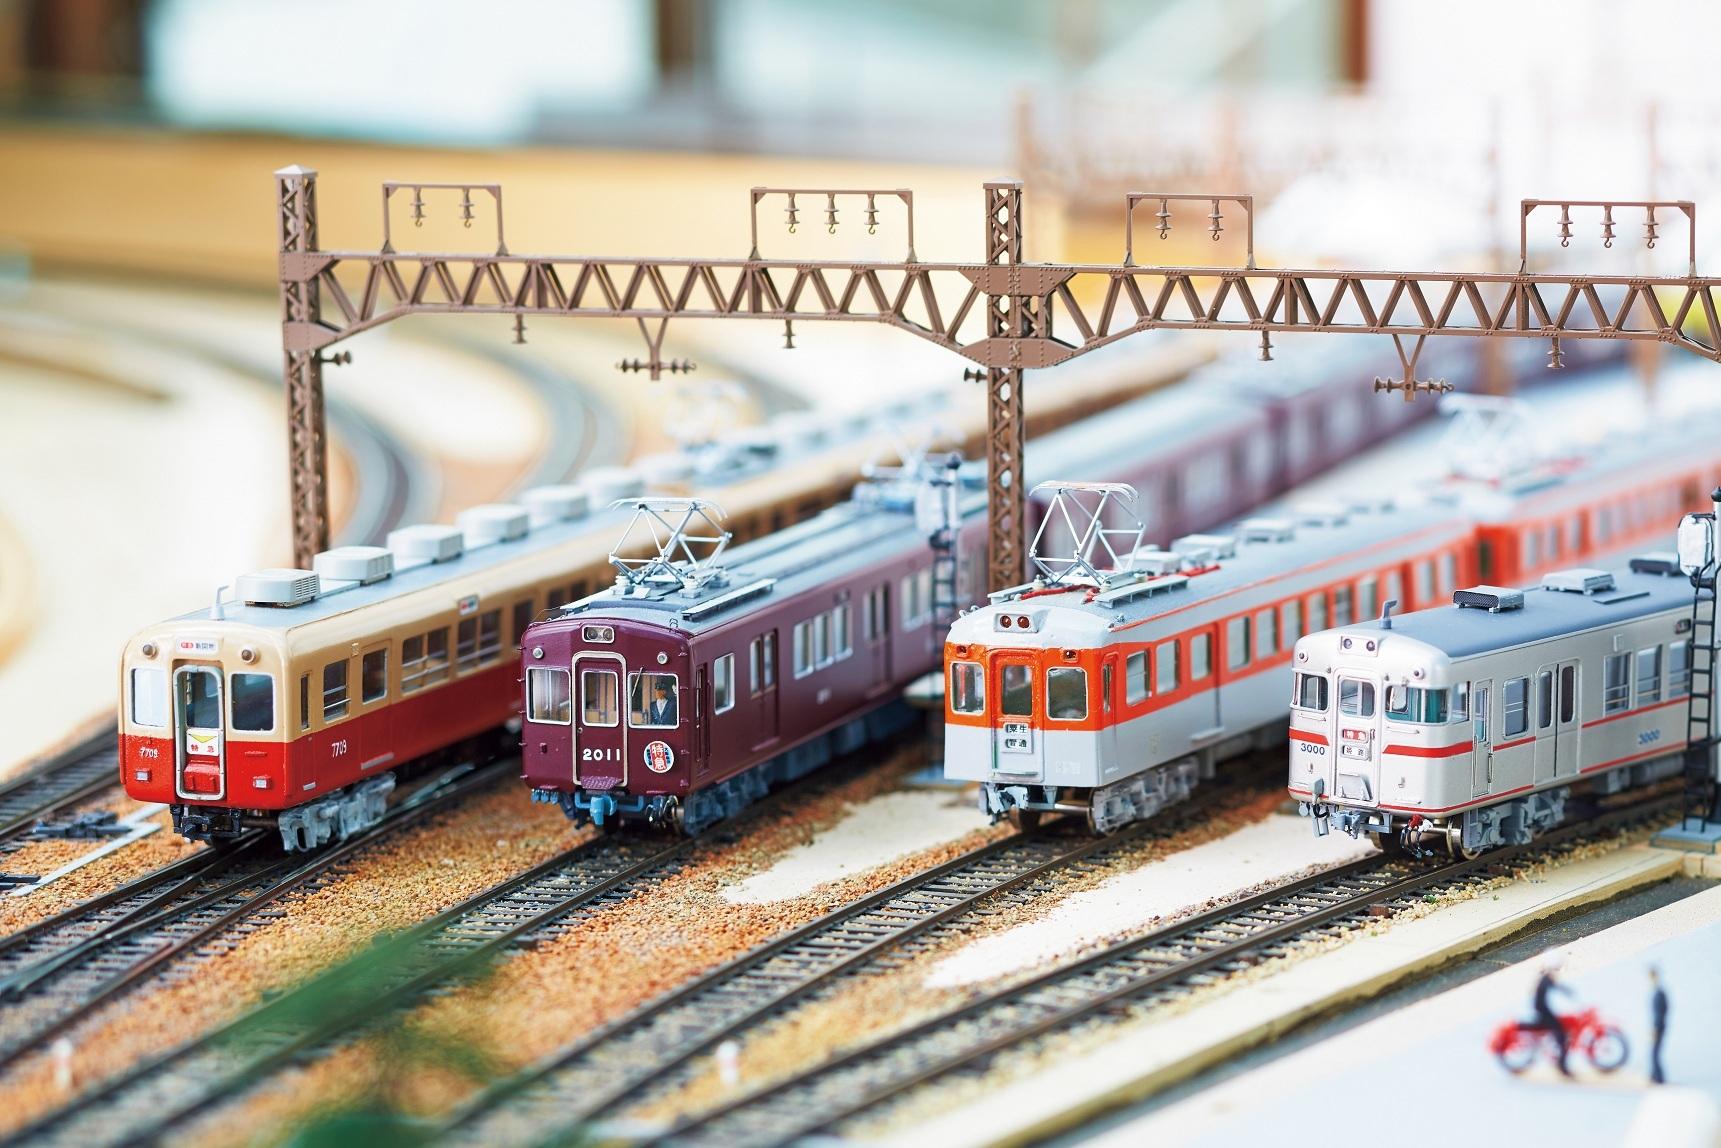 神戸高速線が開通当時に活躍していた4私鉄の車両が一堂に。 左から 阪神電車、 阪急電車、 神戸電鉄、 山陽電車